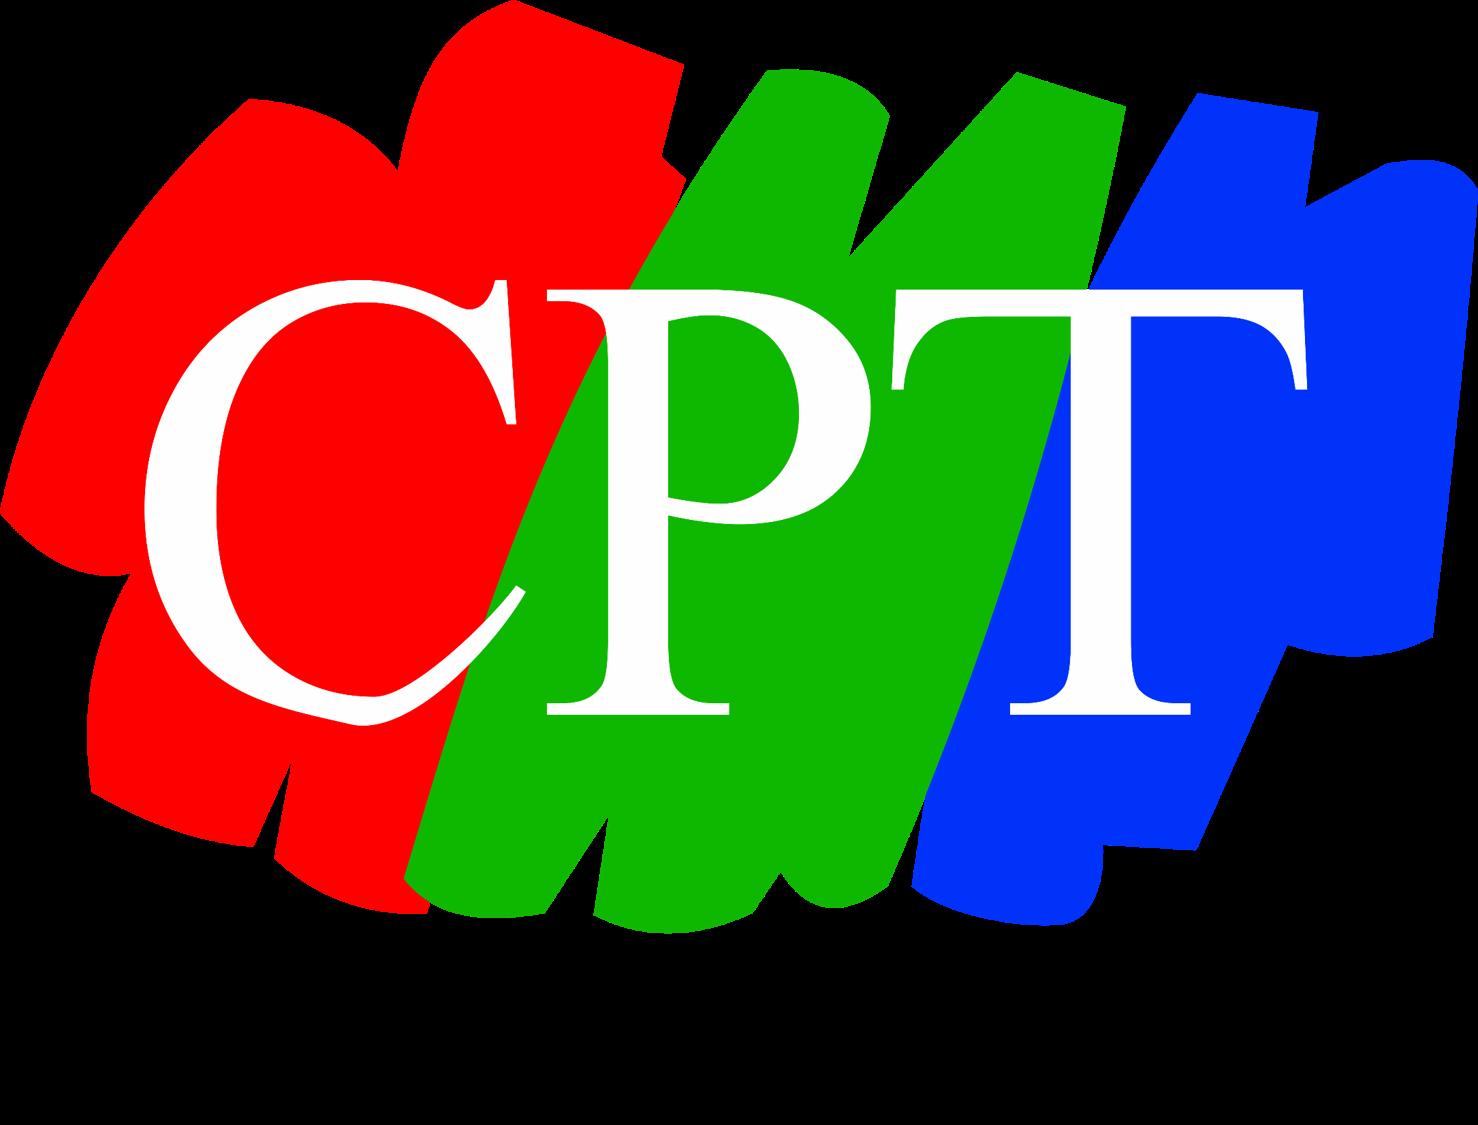 Compañía Productora de Televisión